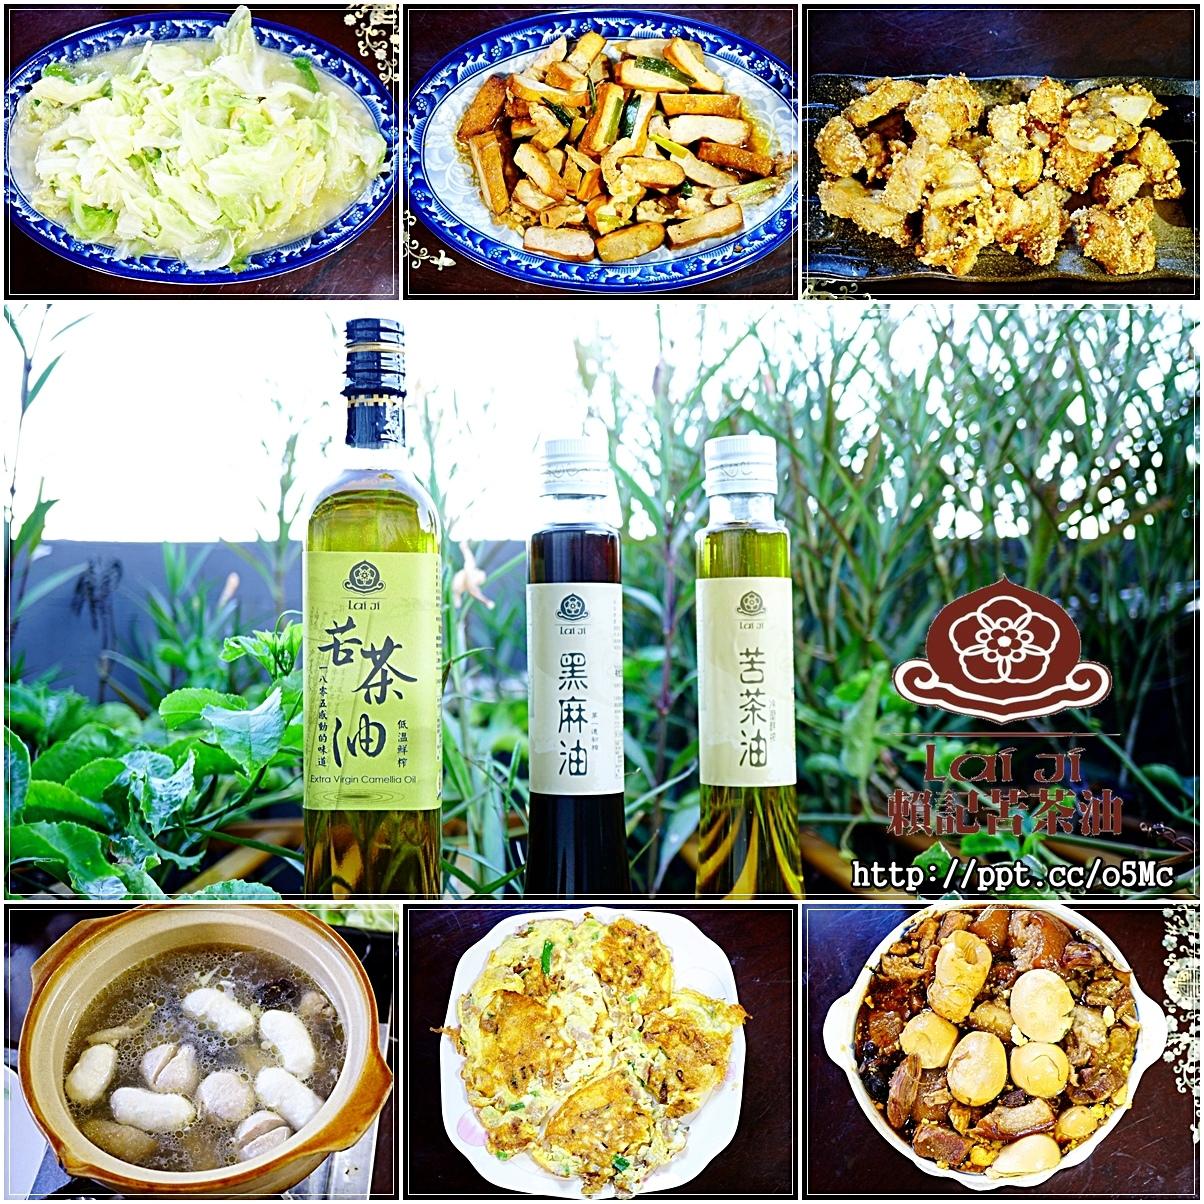 【賴記苦茶油】婆婆媽媽最愛的食用油~堅持古法製造,耐高溫的食用好油,養生又營養,為全家人的健康把關